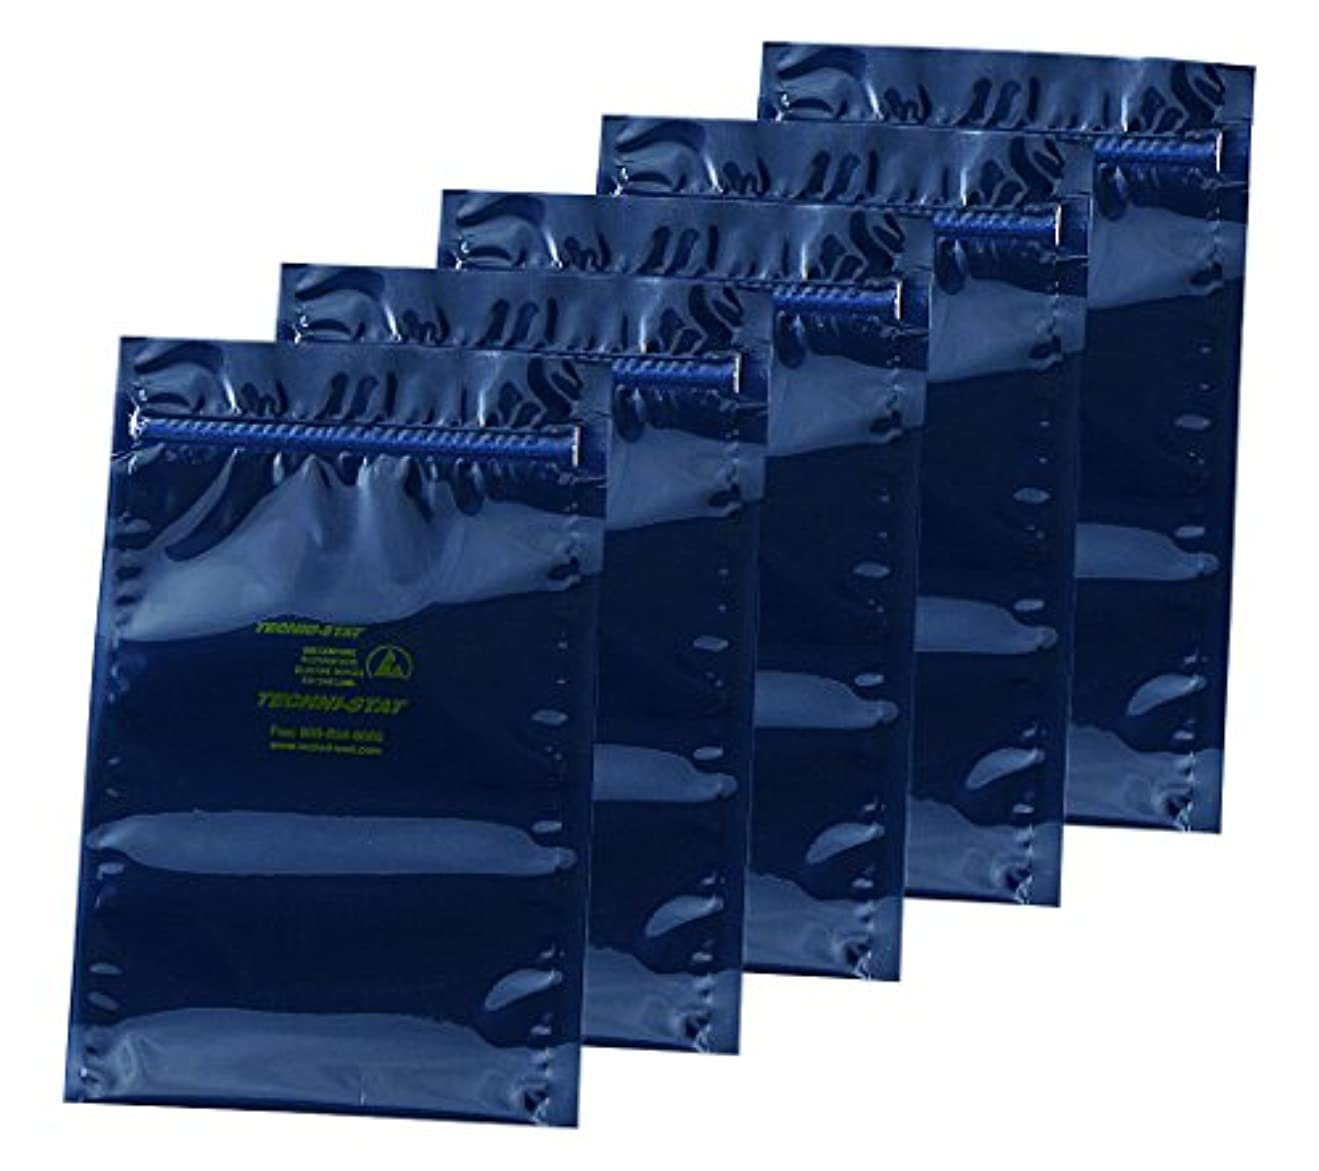 蜜石化する回復するESDシールドバッグ シールドバッグ ジッパー付き (100枚入り)